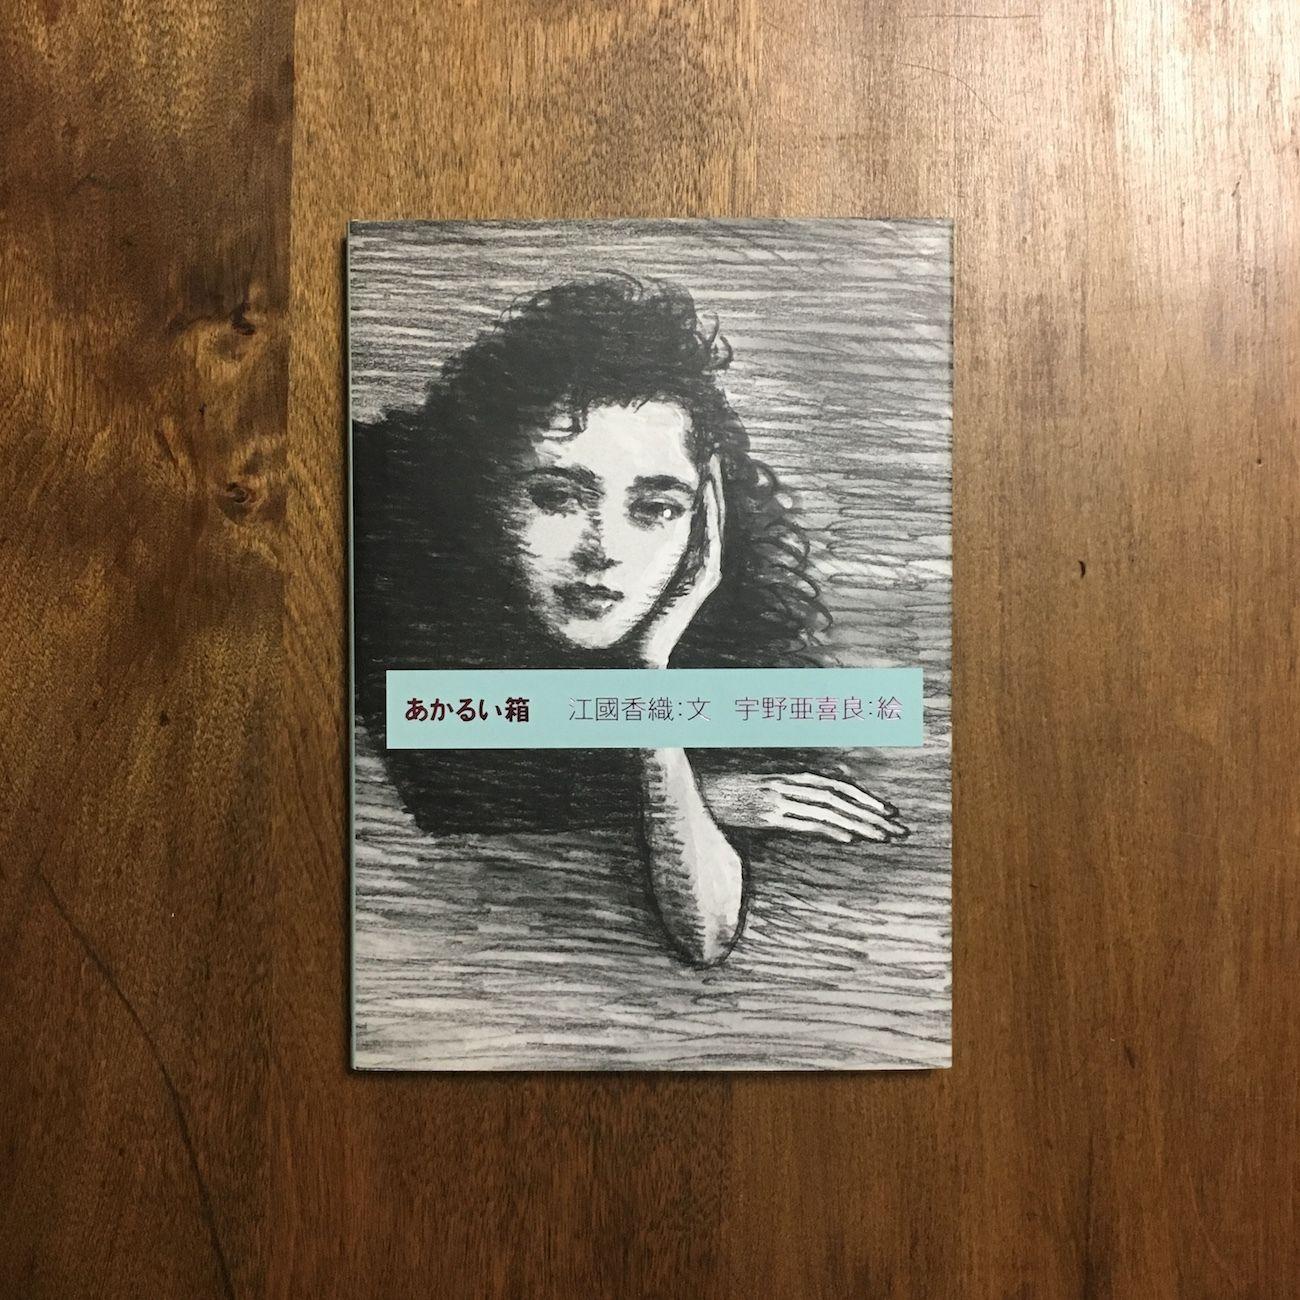 「あかるい箱」江國香織 文 宇野亜喜良 絵